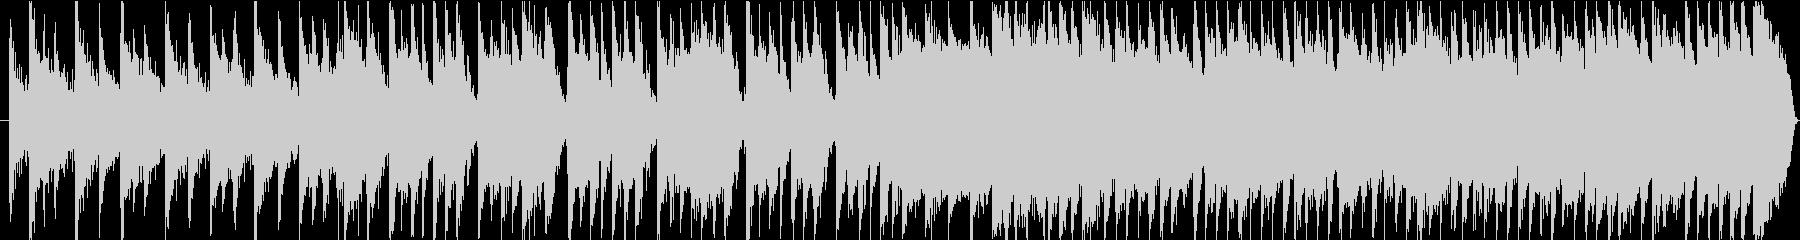 ミドルテンポのブルースっぽい和風ファンクの未再生の波形